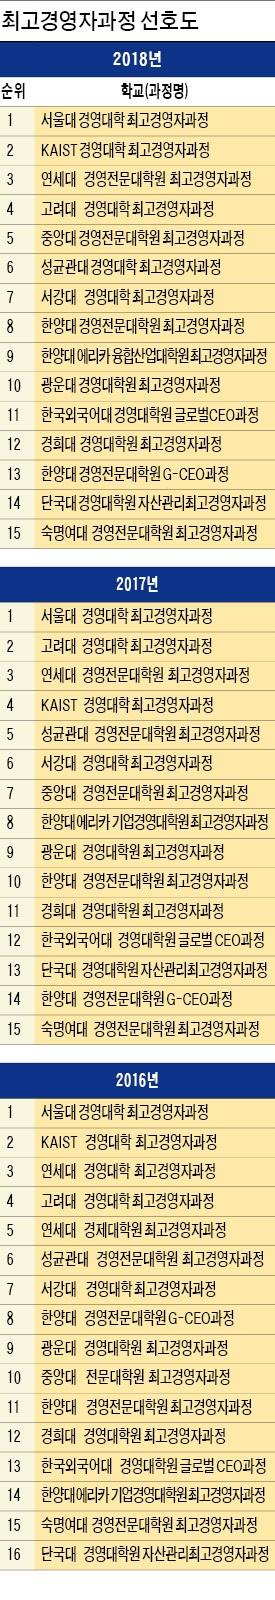 '네트워크 파워' 키운 중앙대 첫 5위… 성균관대 '미래 평판' 최고